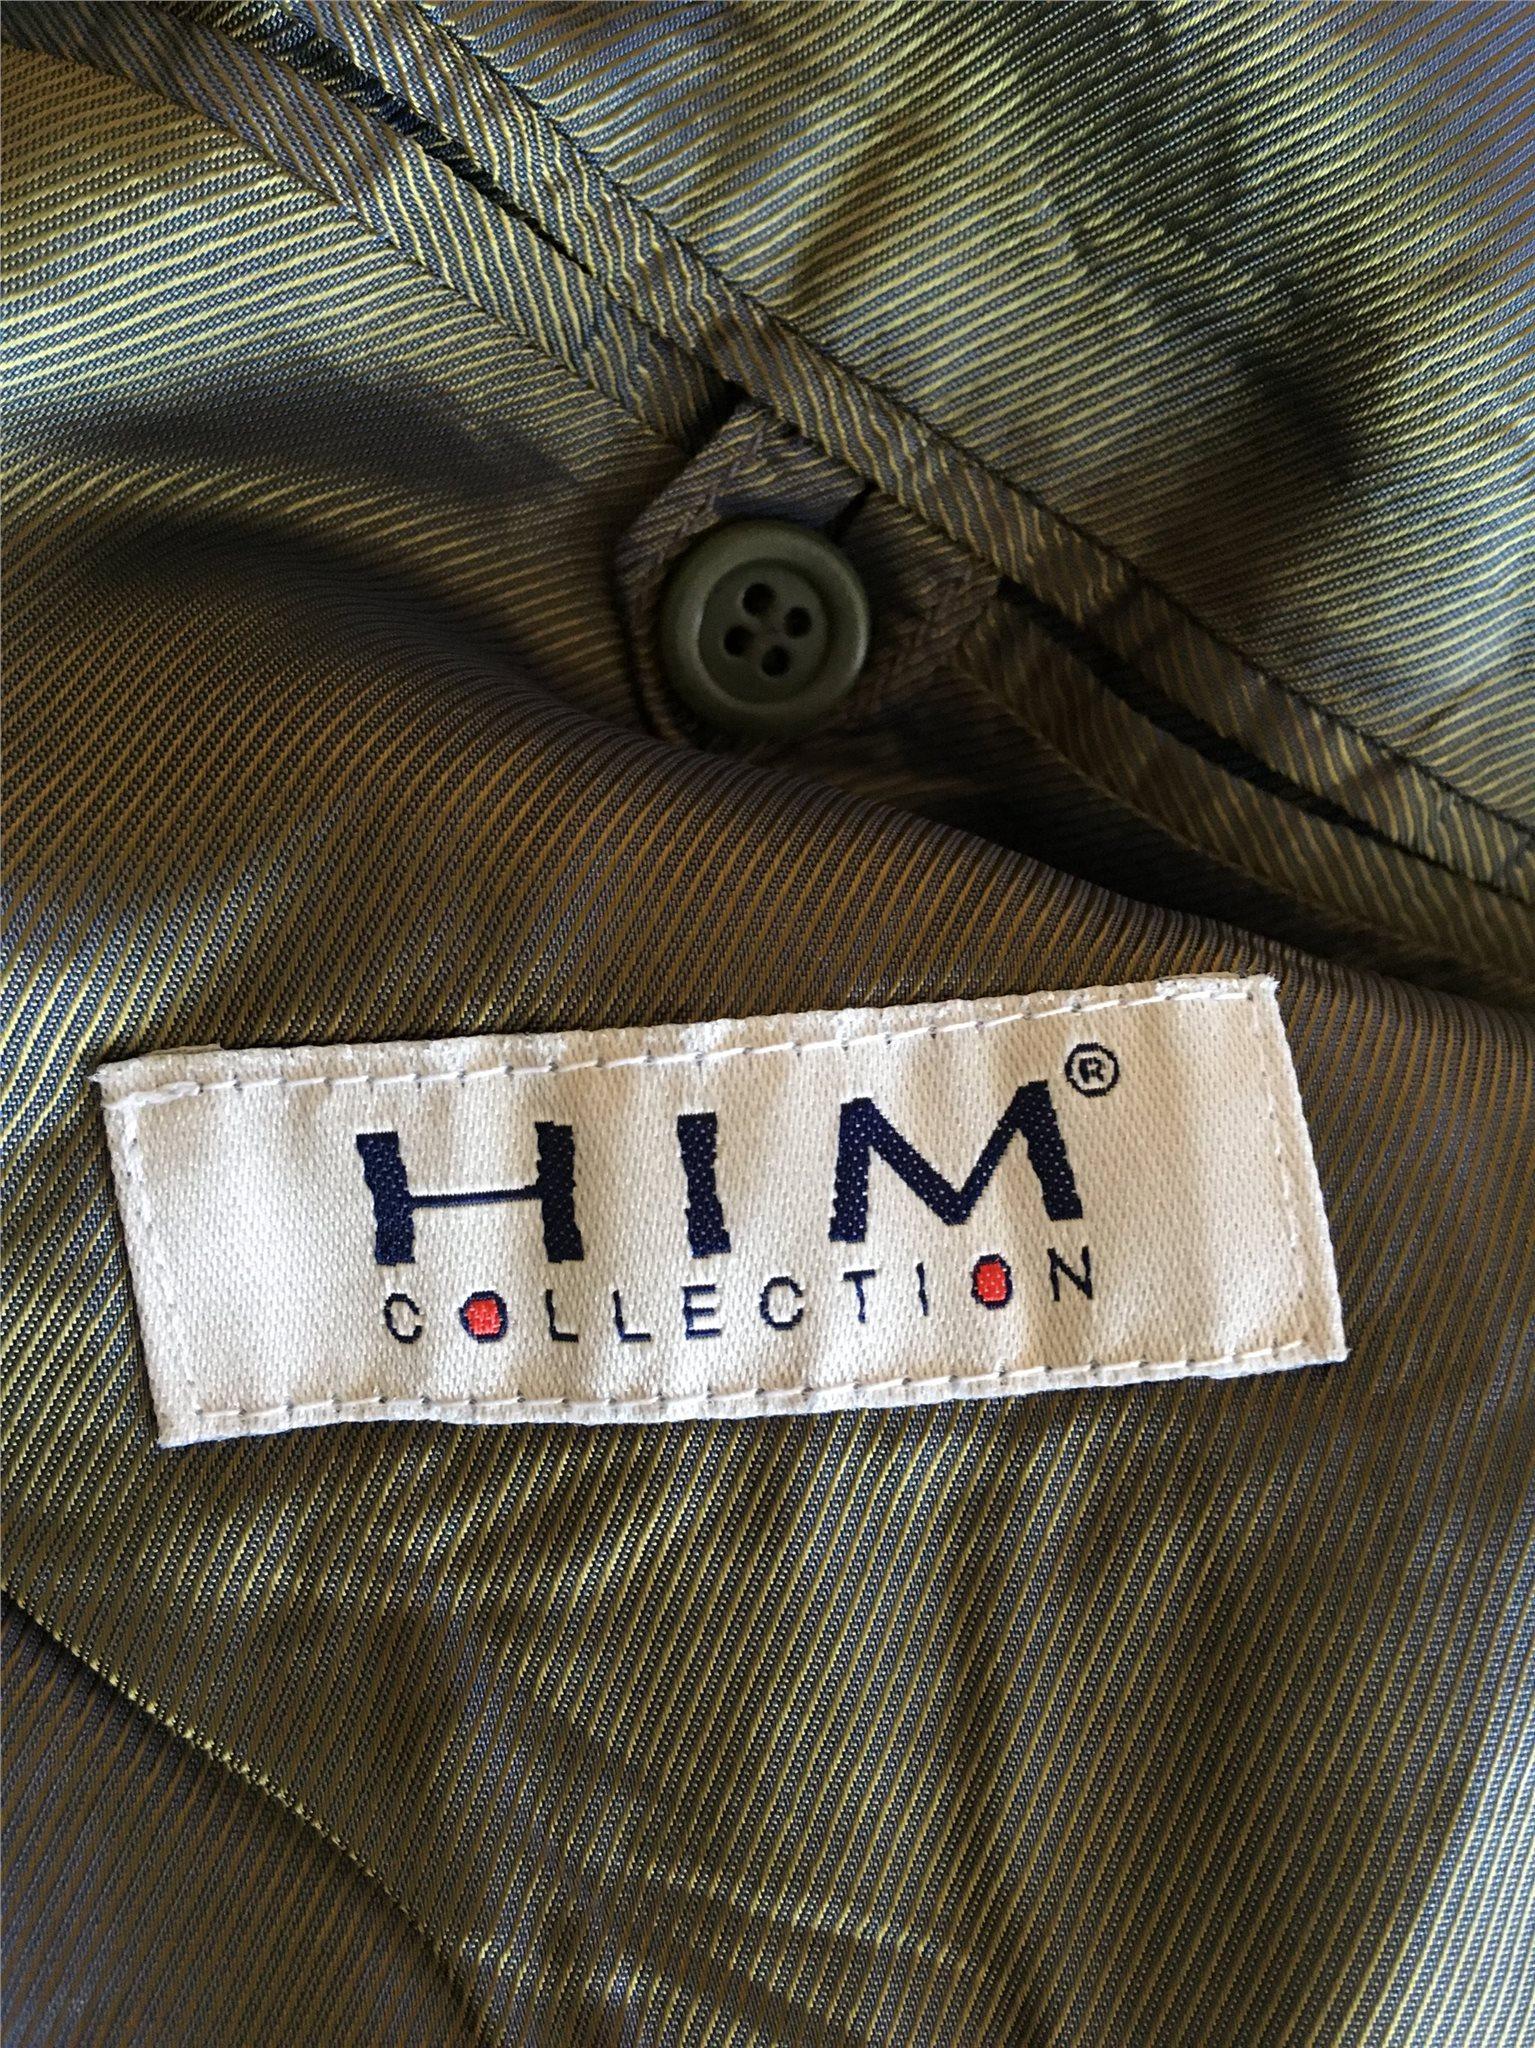 HIM collection collection collection doubleknäppt kavaj i 75% ull, stl. M, grön c34442